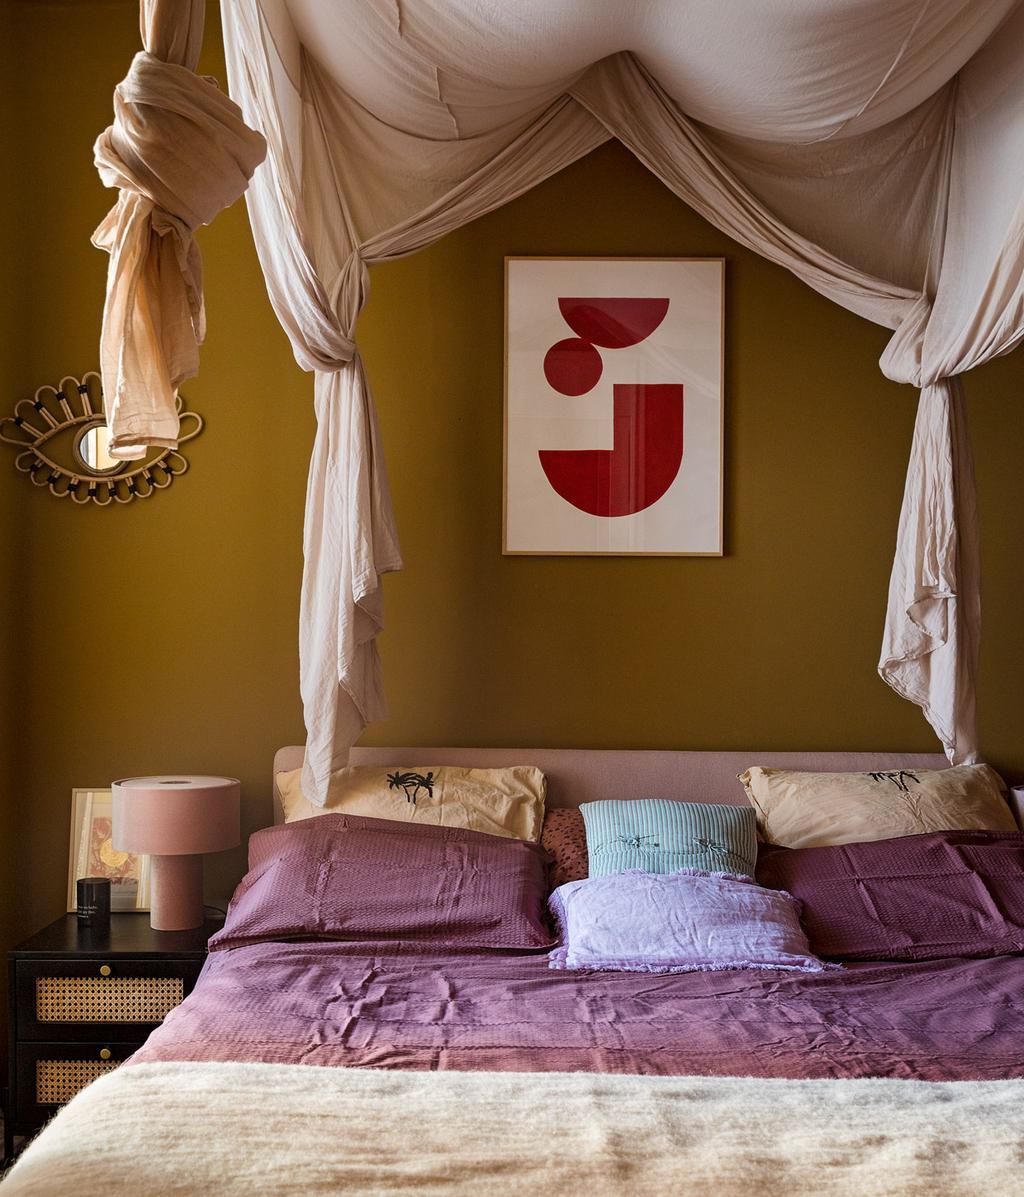 Romantische look | slaapkamer | vtwonen 11-2020